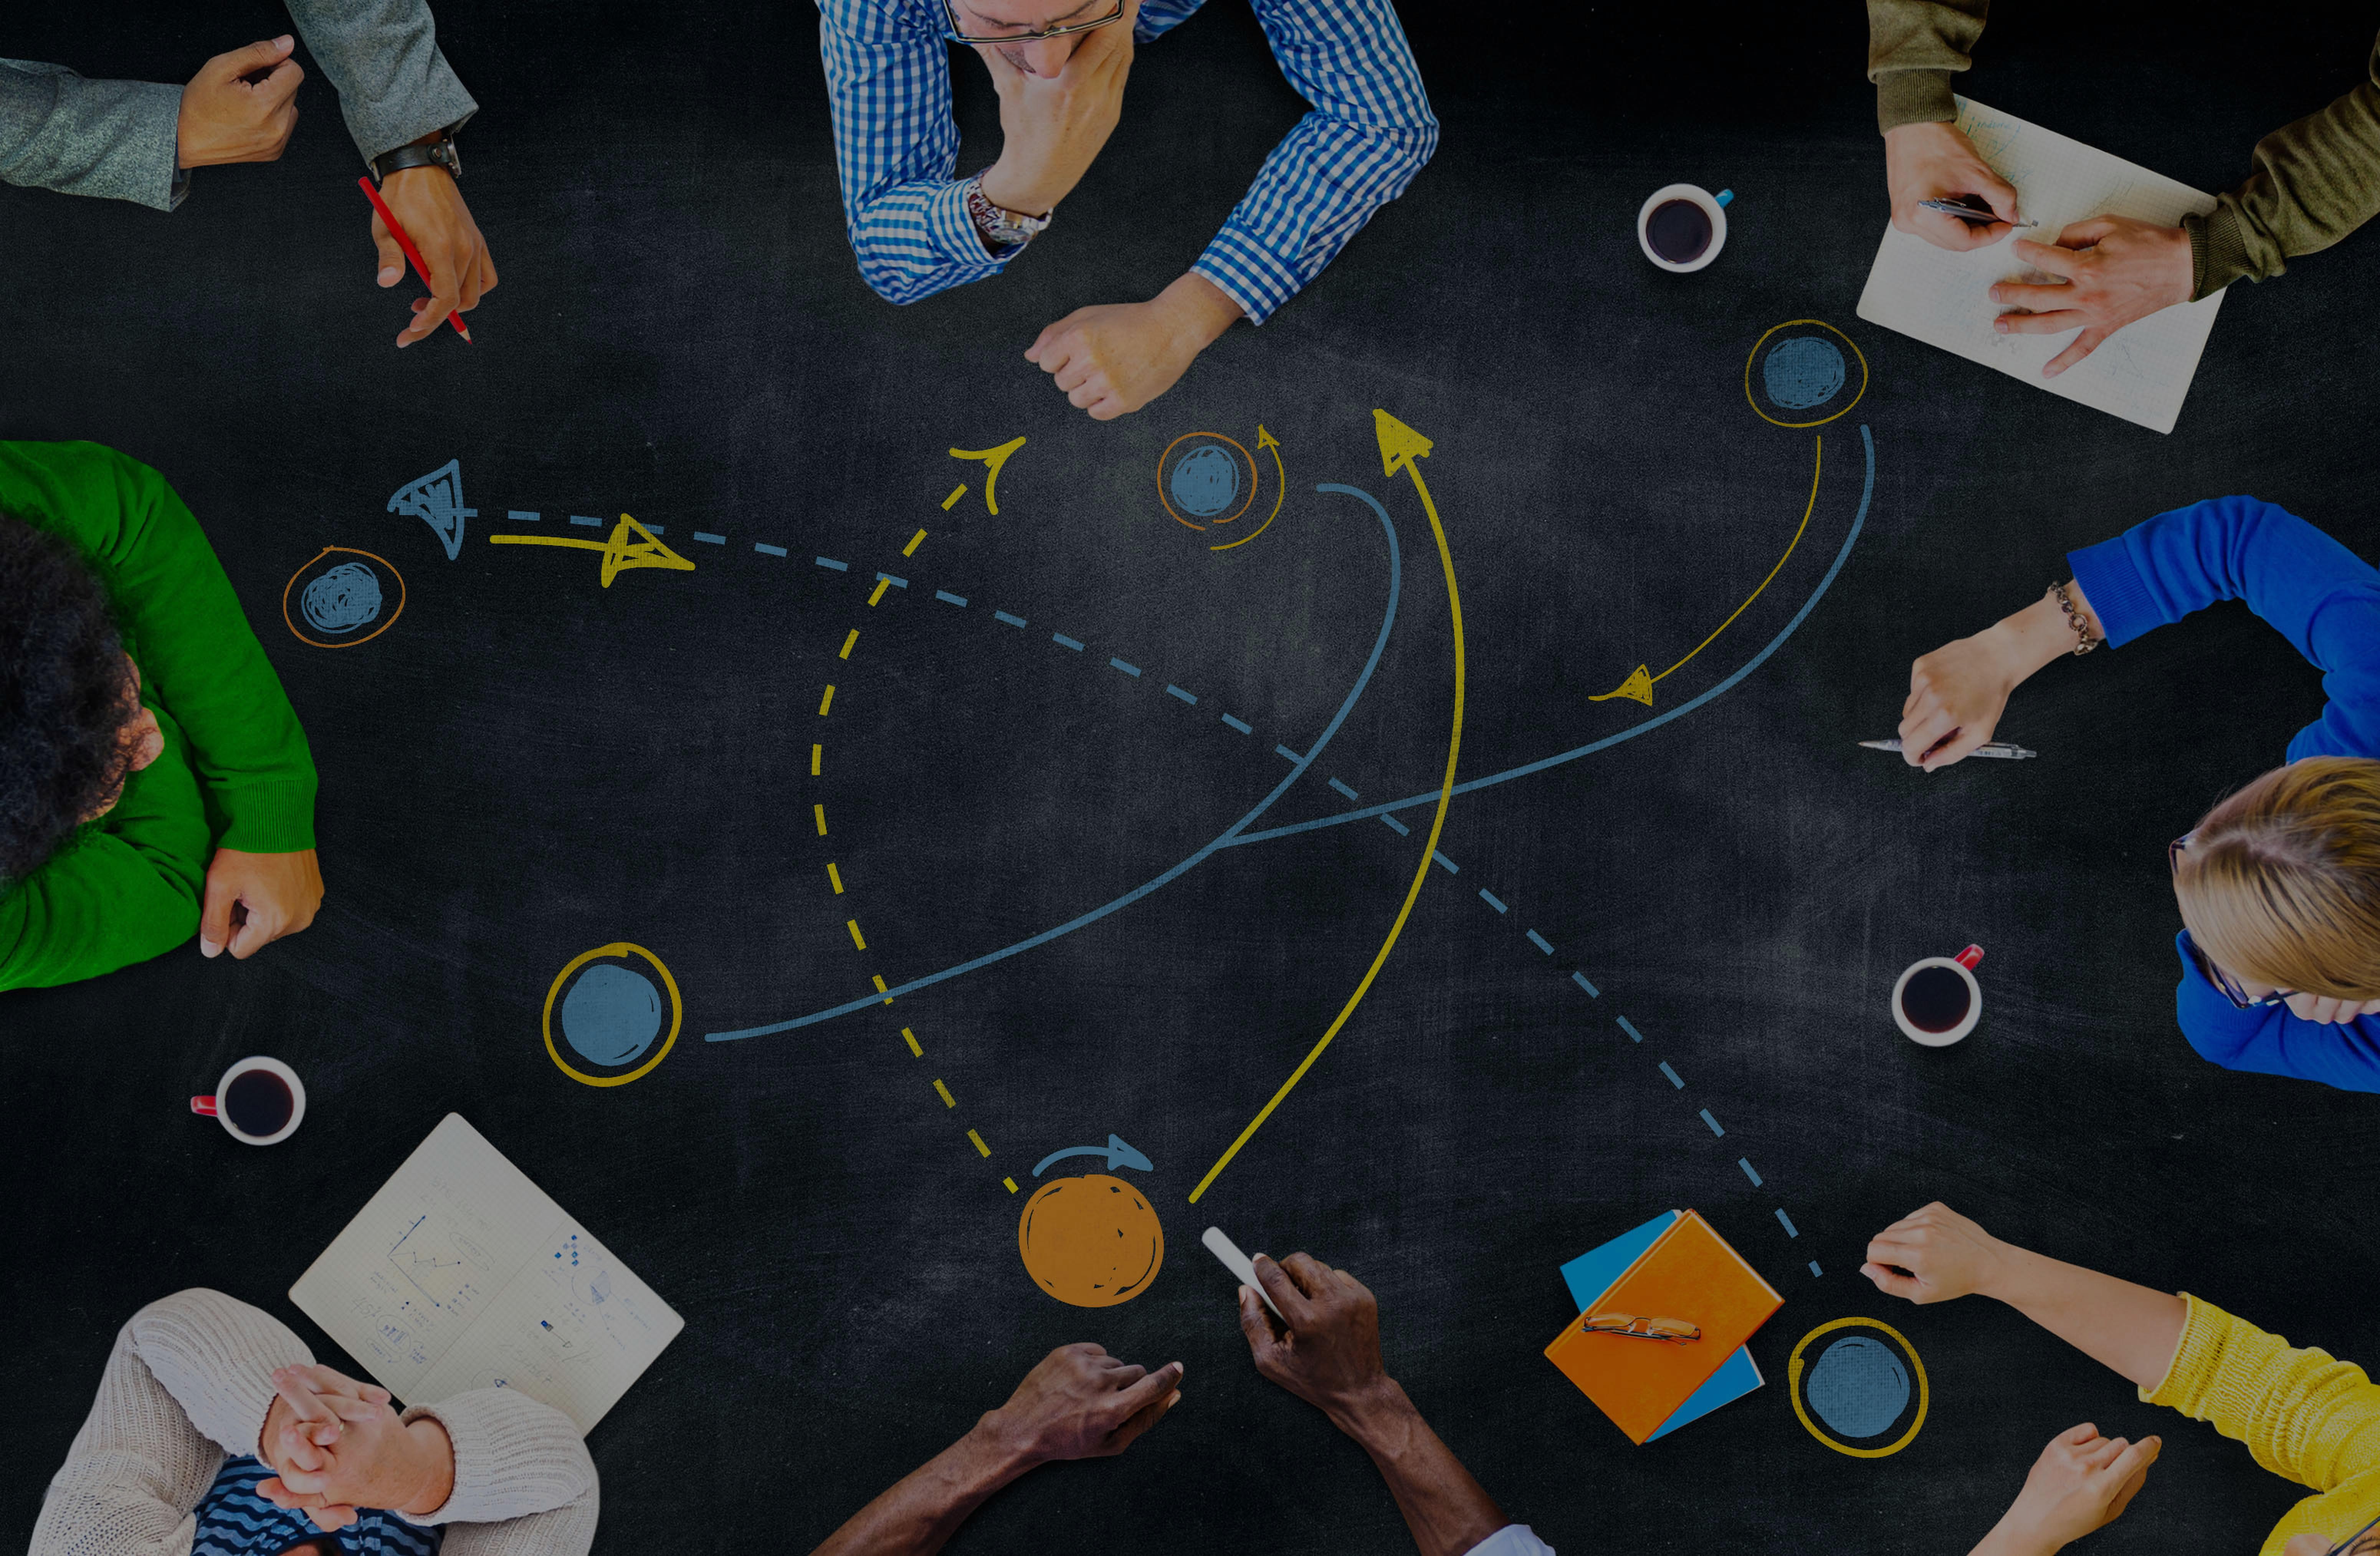 Assessoria de comunicação especializada em startups